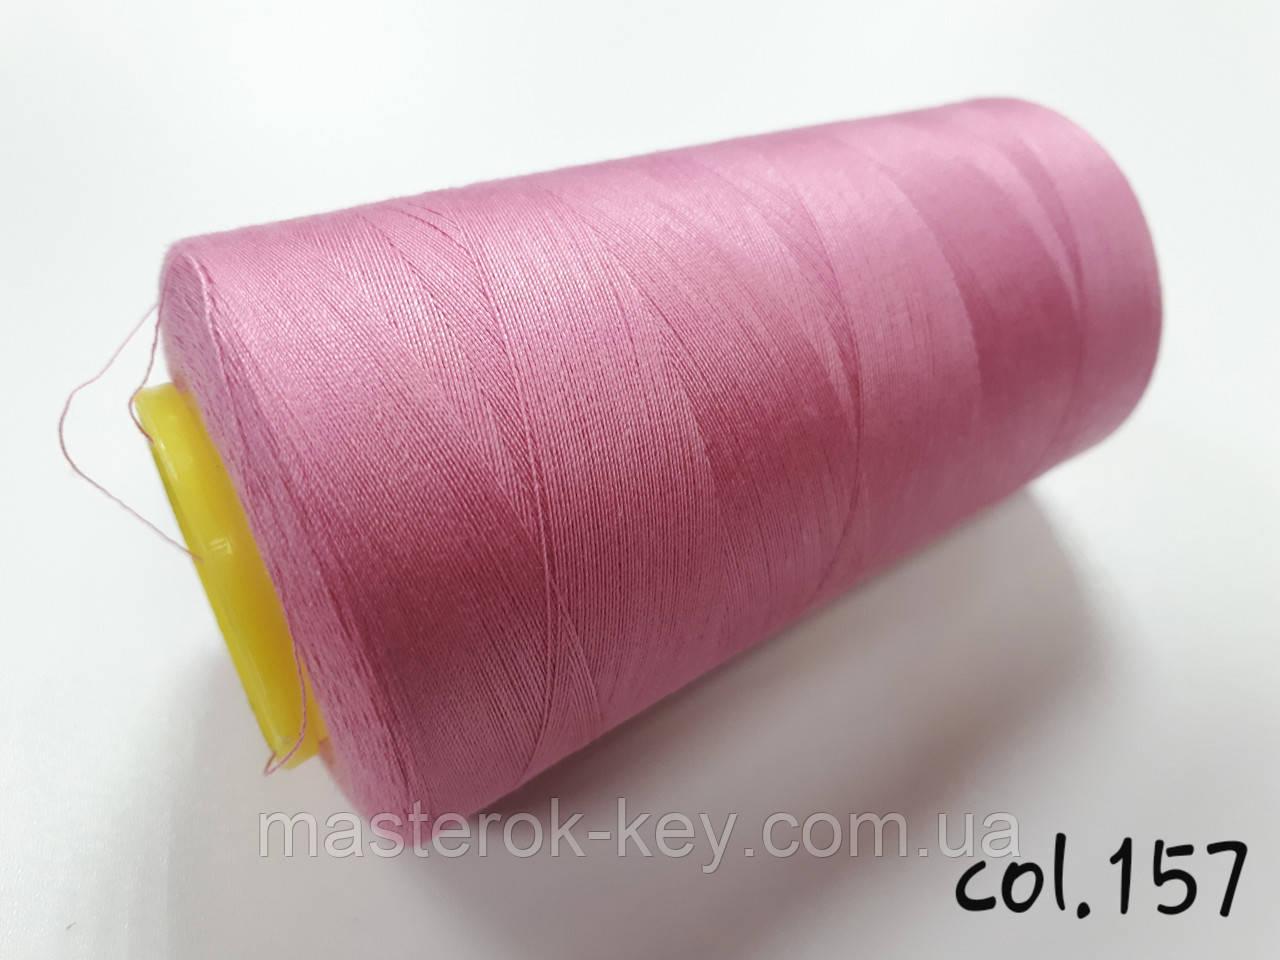 Швейная нитка Kiwi 40/2 №157 оттенок розовый